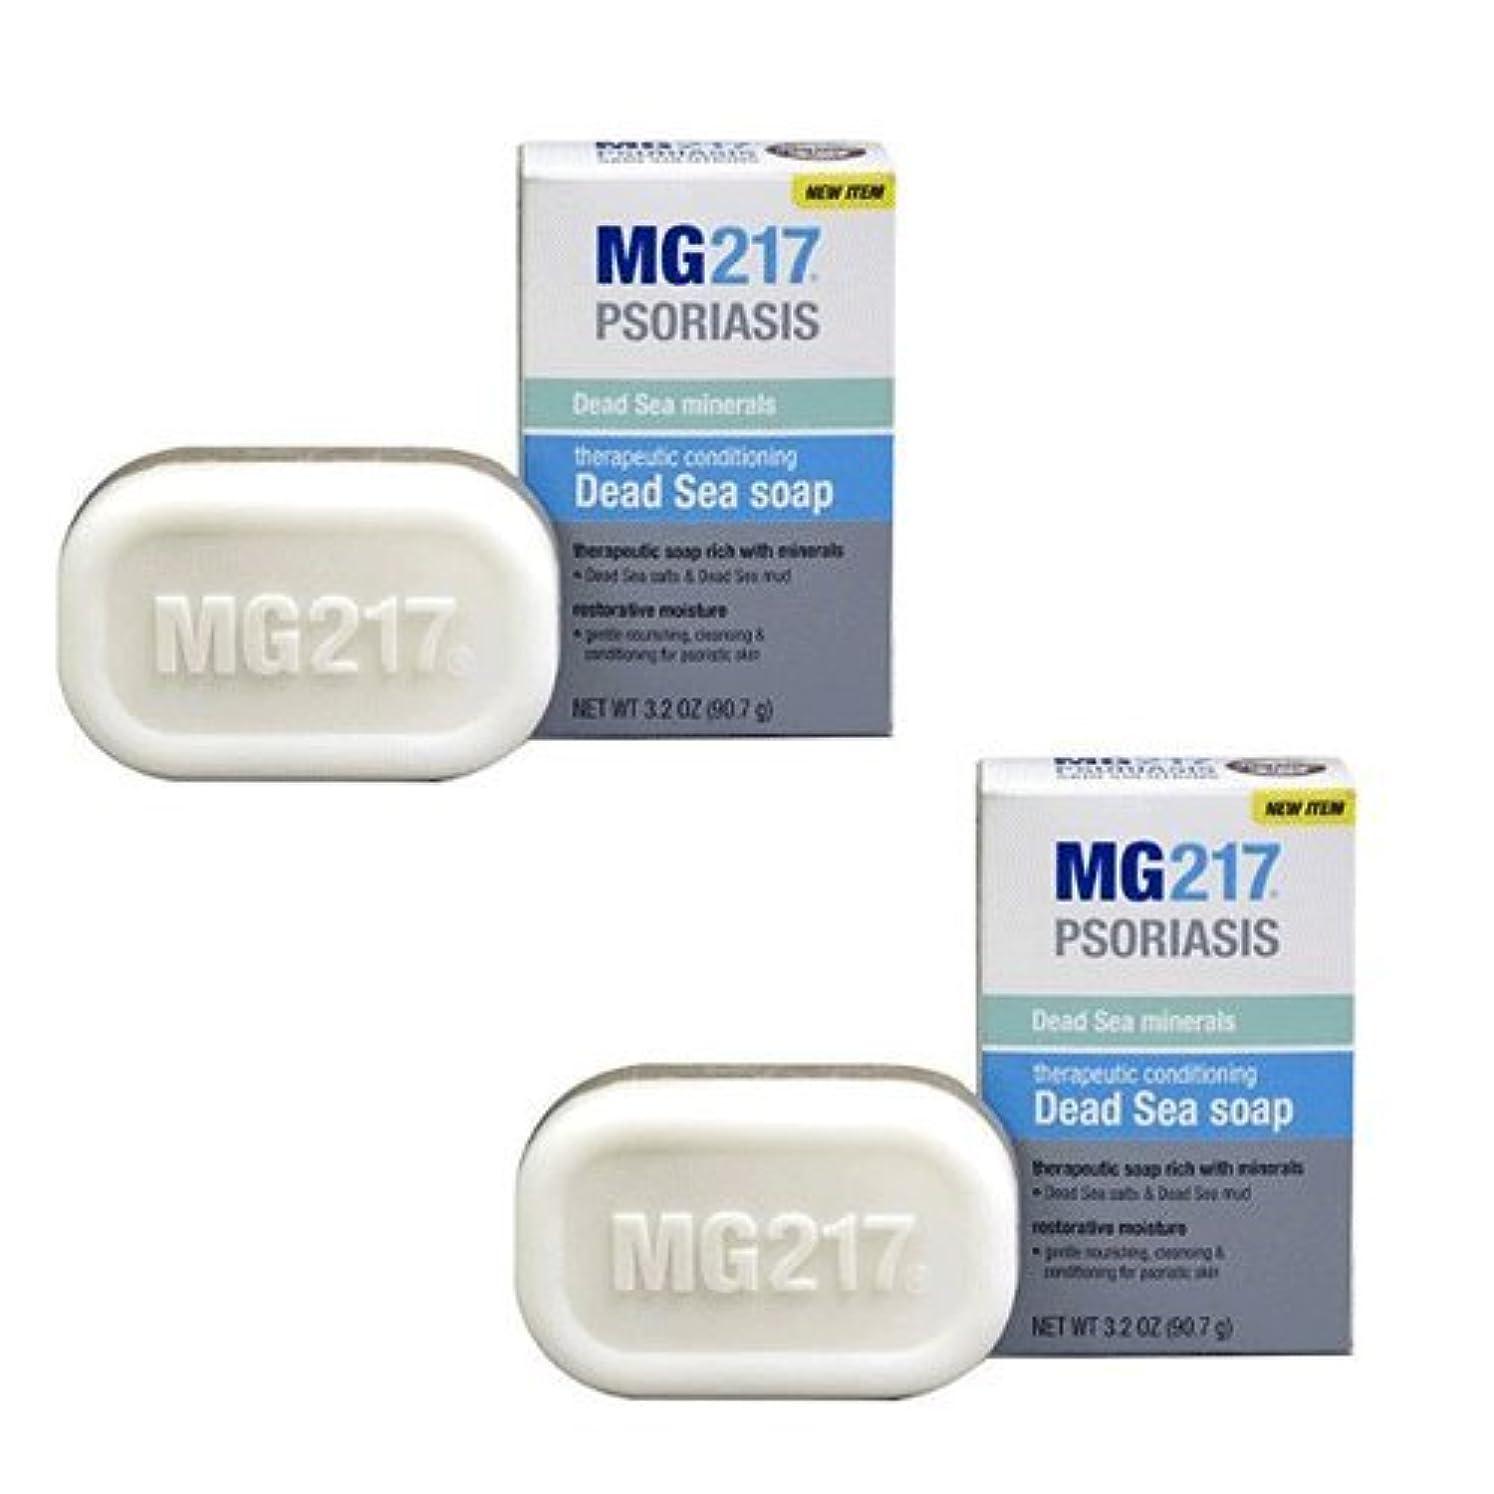 無条件料理をする作成する2個セット 死海の泥とミネラルたっぷり MG217ソープ 90g MG217 Psoriasis Therapeutic Conditioning Dead Sea Bar Soap